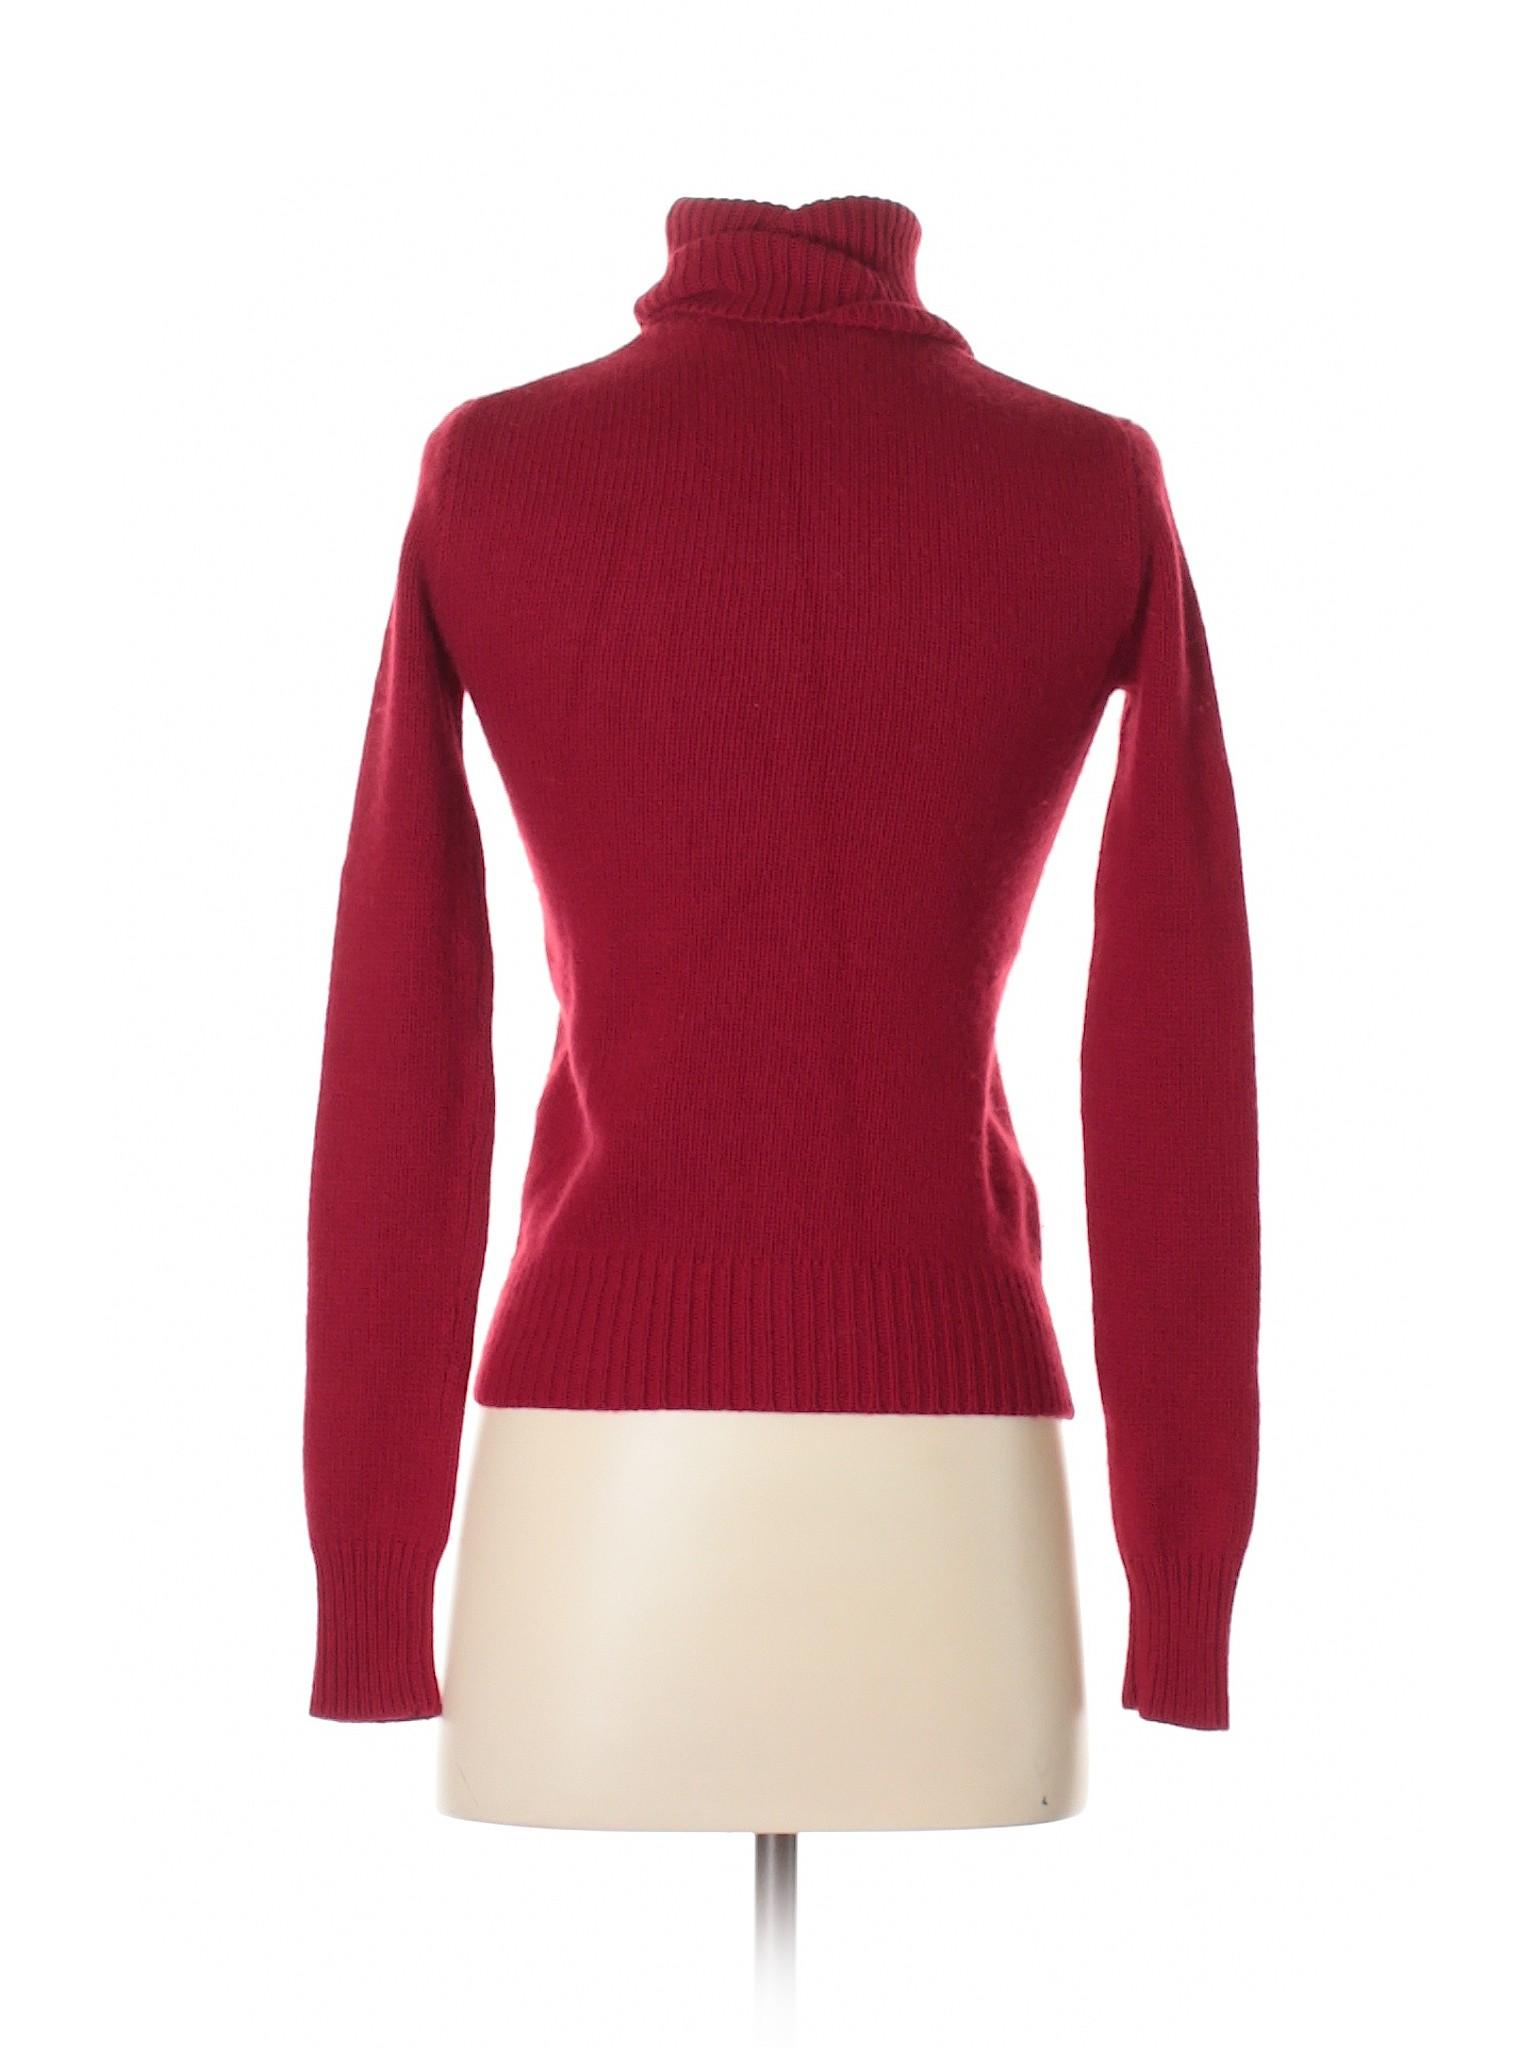 Boutique Ralph Cashmere Lauren Pullover Sweater xXPafXq8